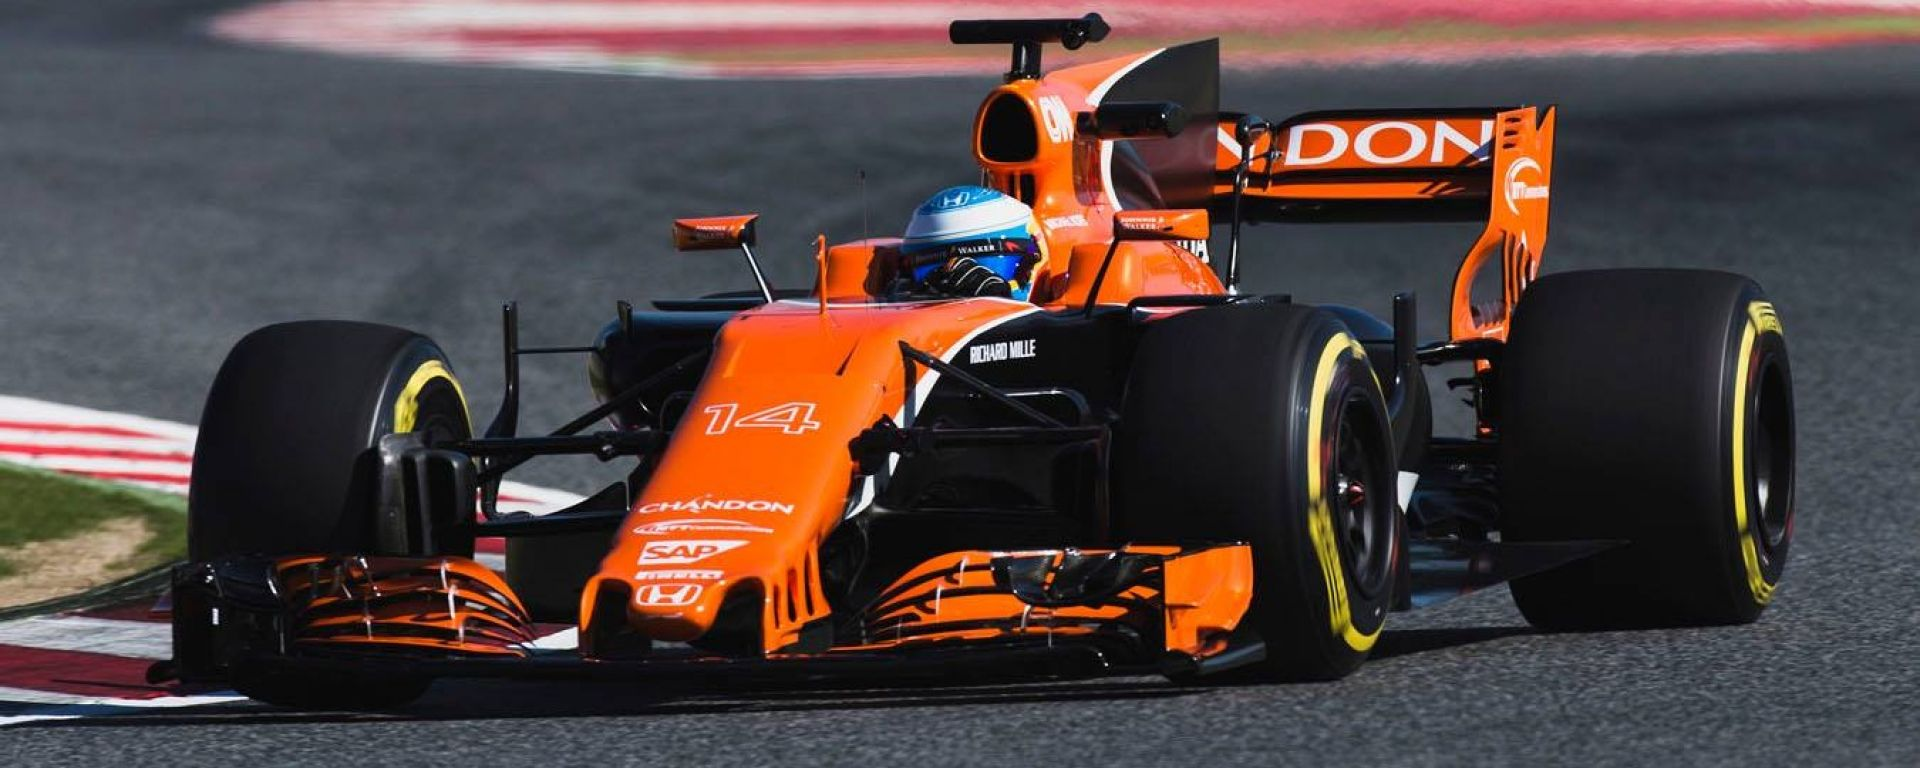 F1 2018: la McLaren MCL33 protagonista di un filming day prima di Barcellona - MotorBox